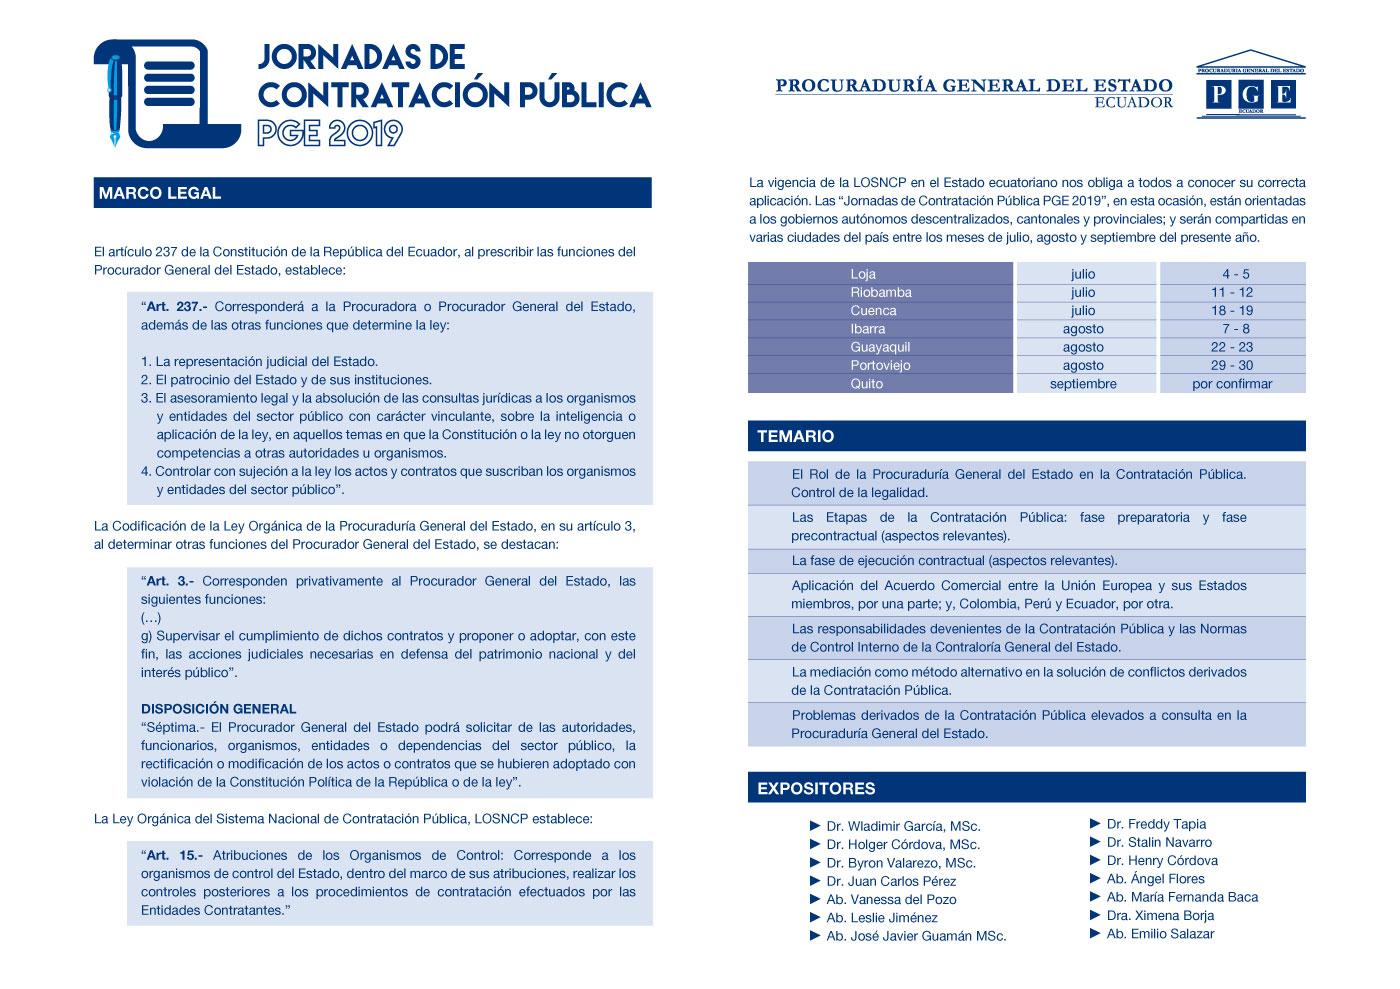 JORNADAS DE CAPACITACION PGE2019